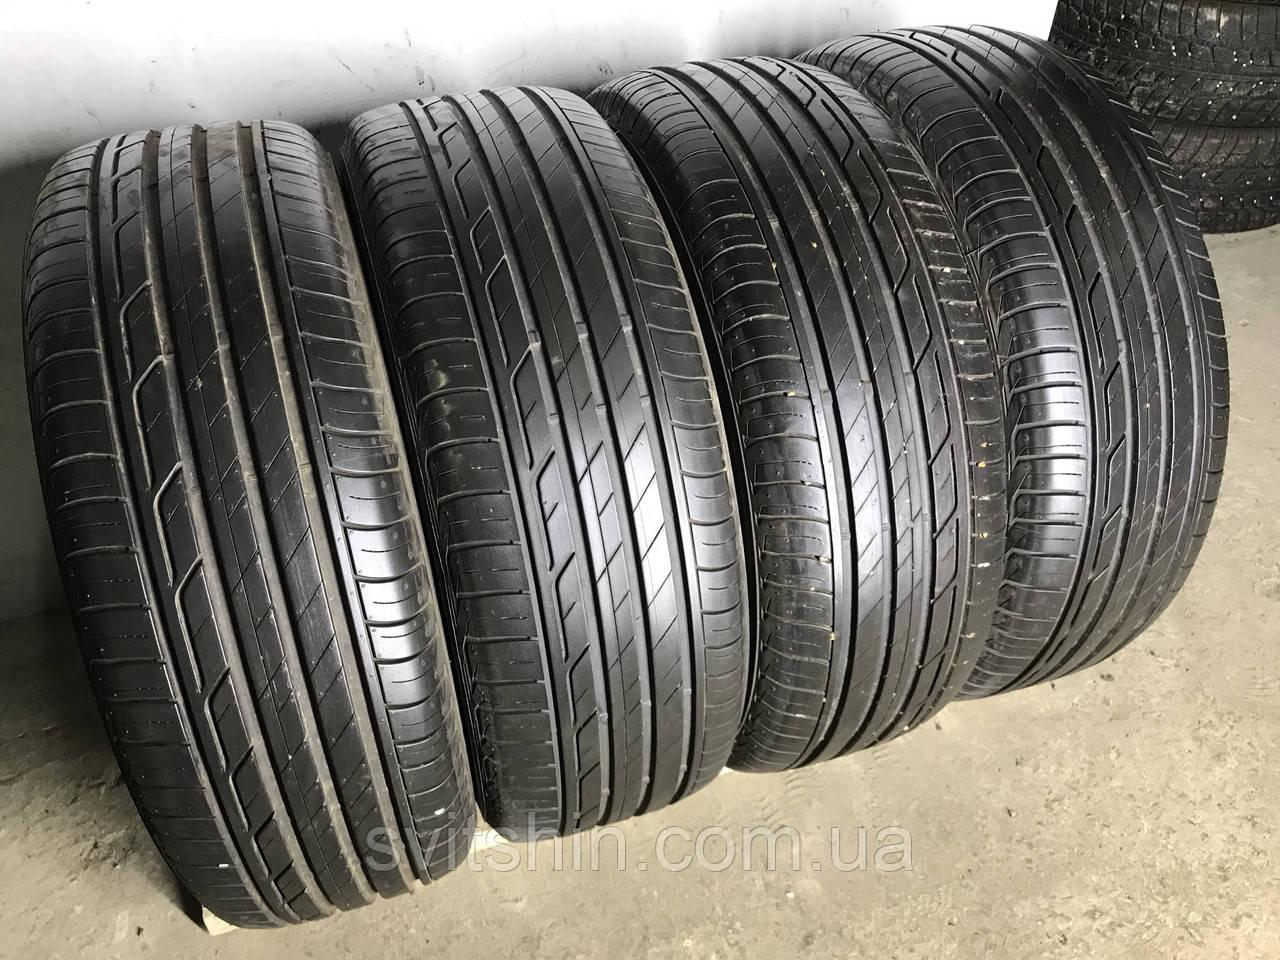 Шини бу літні 215/60R17 Bridgestone Turanza T001 (7мм) 2шт